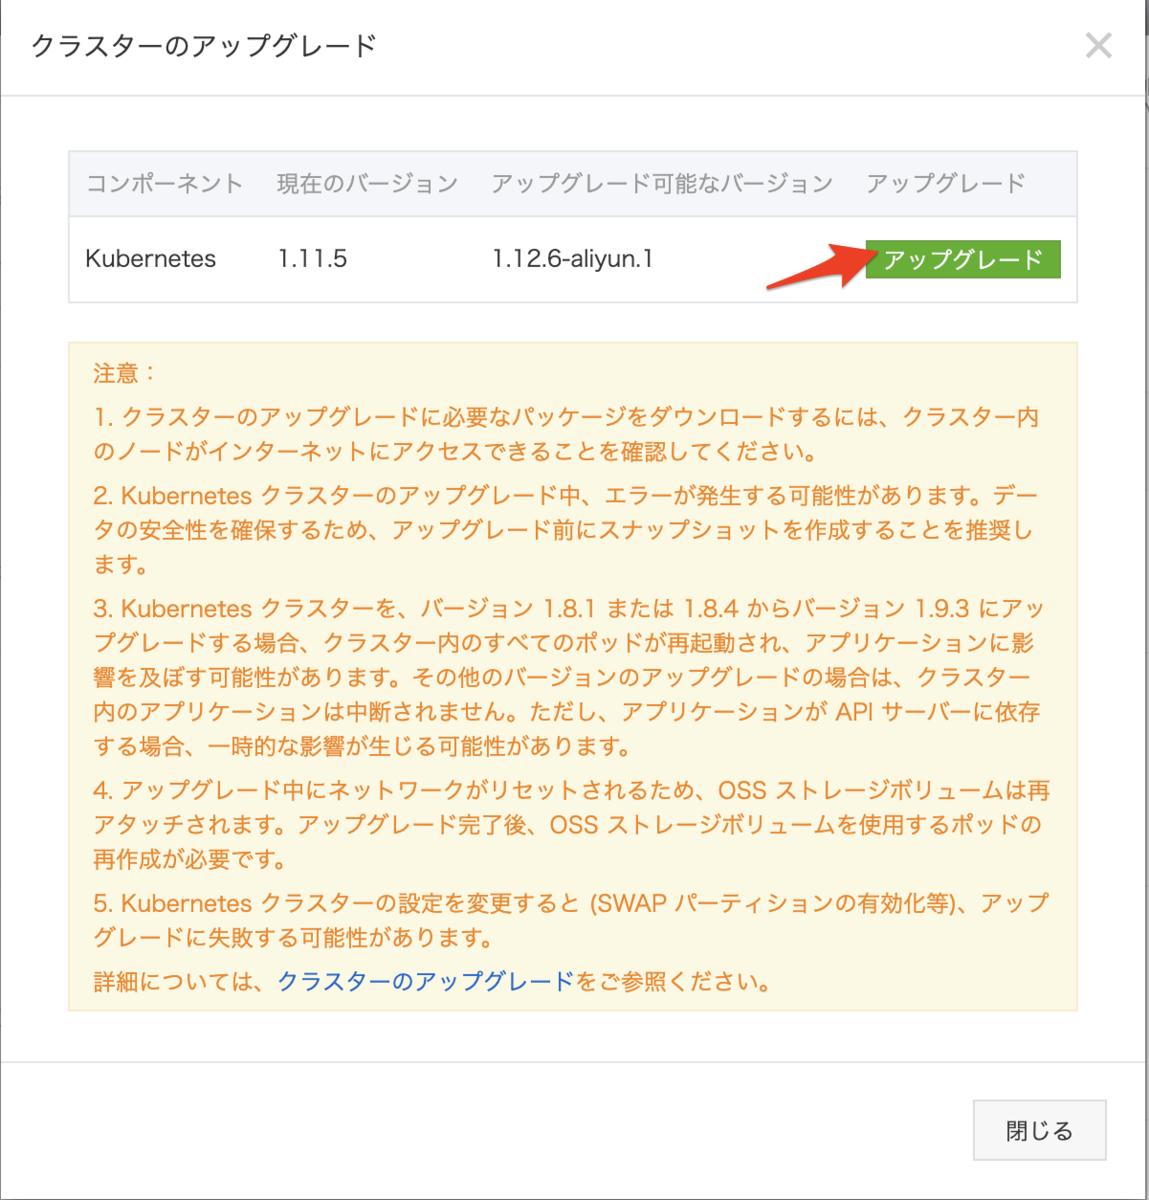 f:id:sbc_y_matsuda:20190612172152p:plain:w650